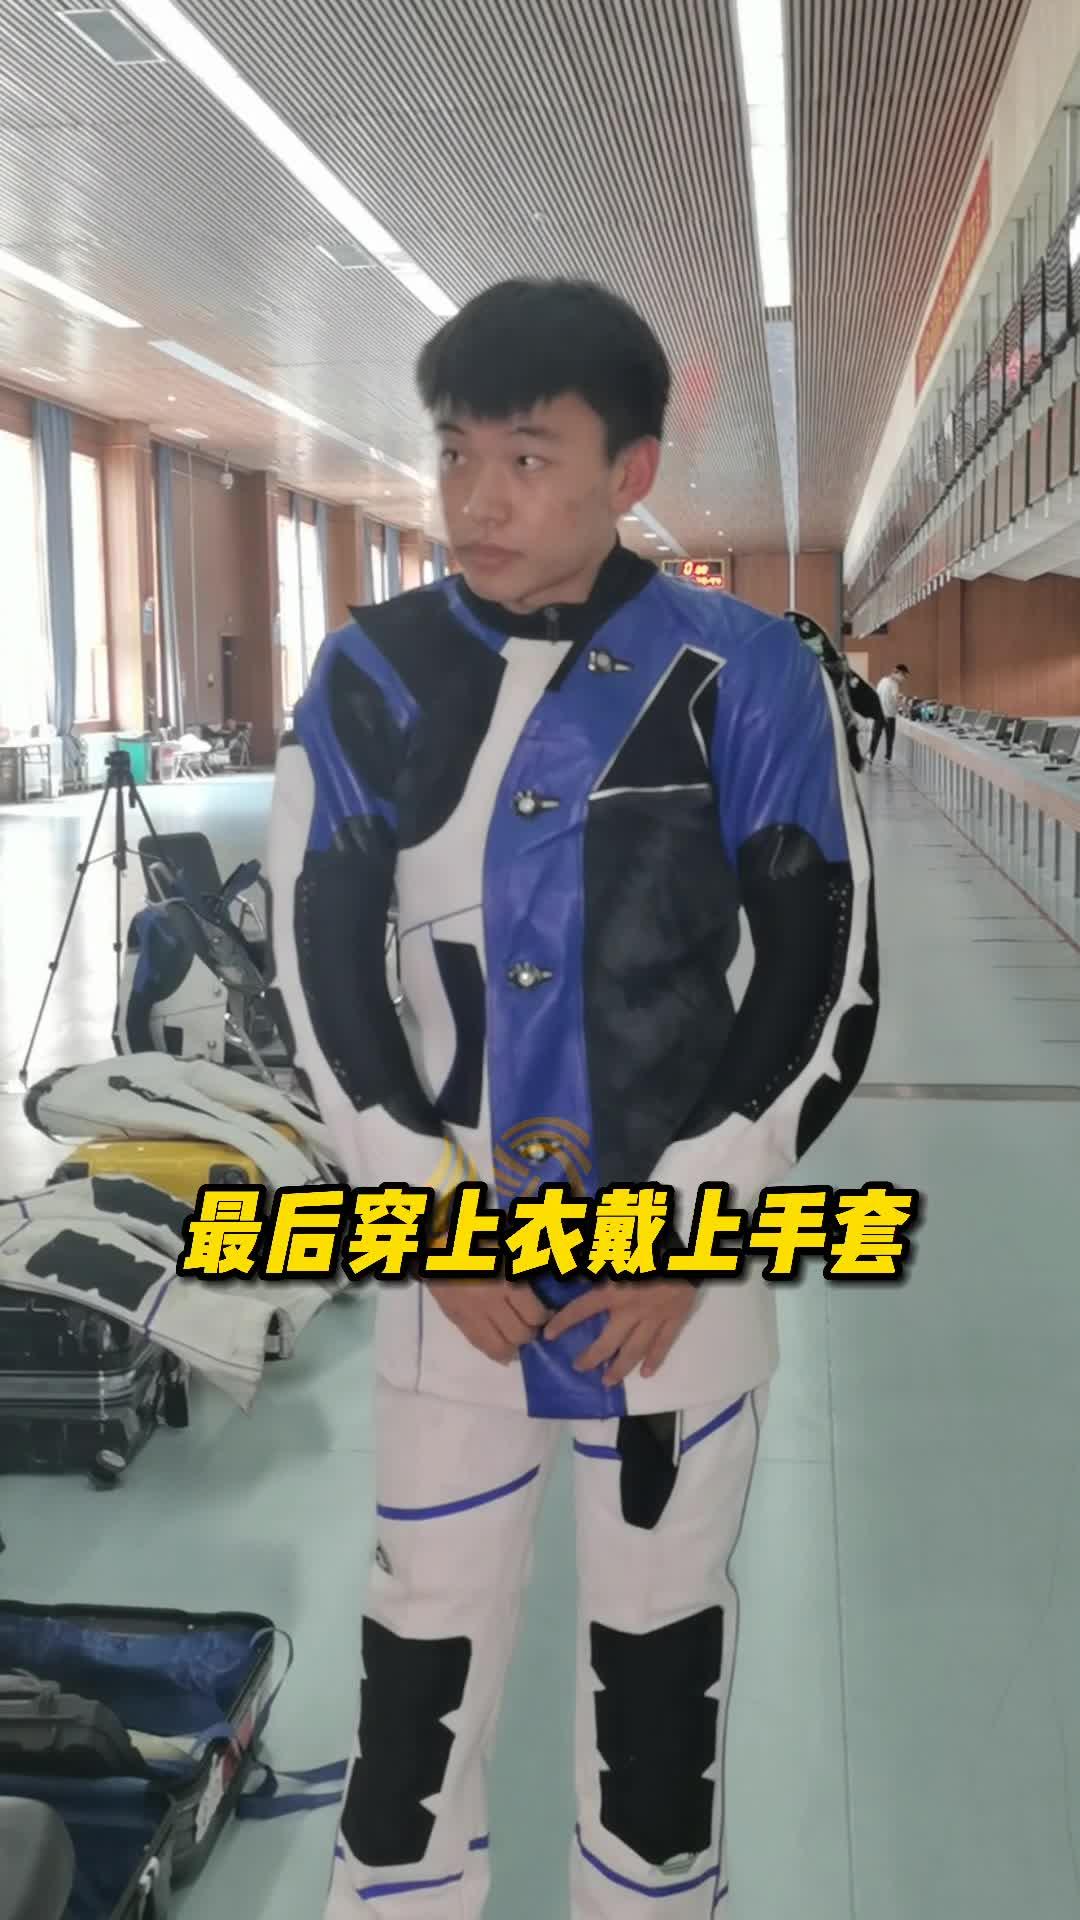 漲知識!原來奧運冠軍張常鴻是這樣穿訓練服的